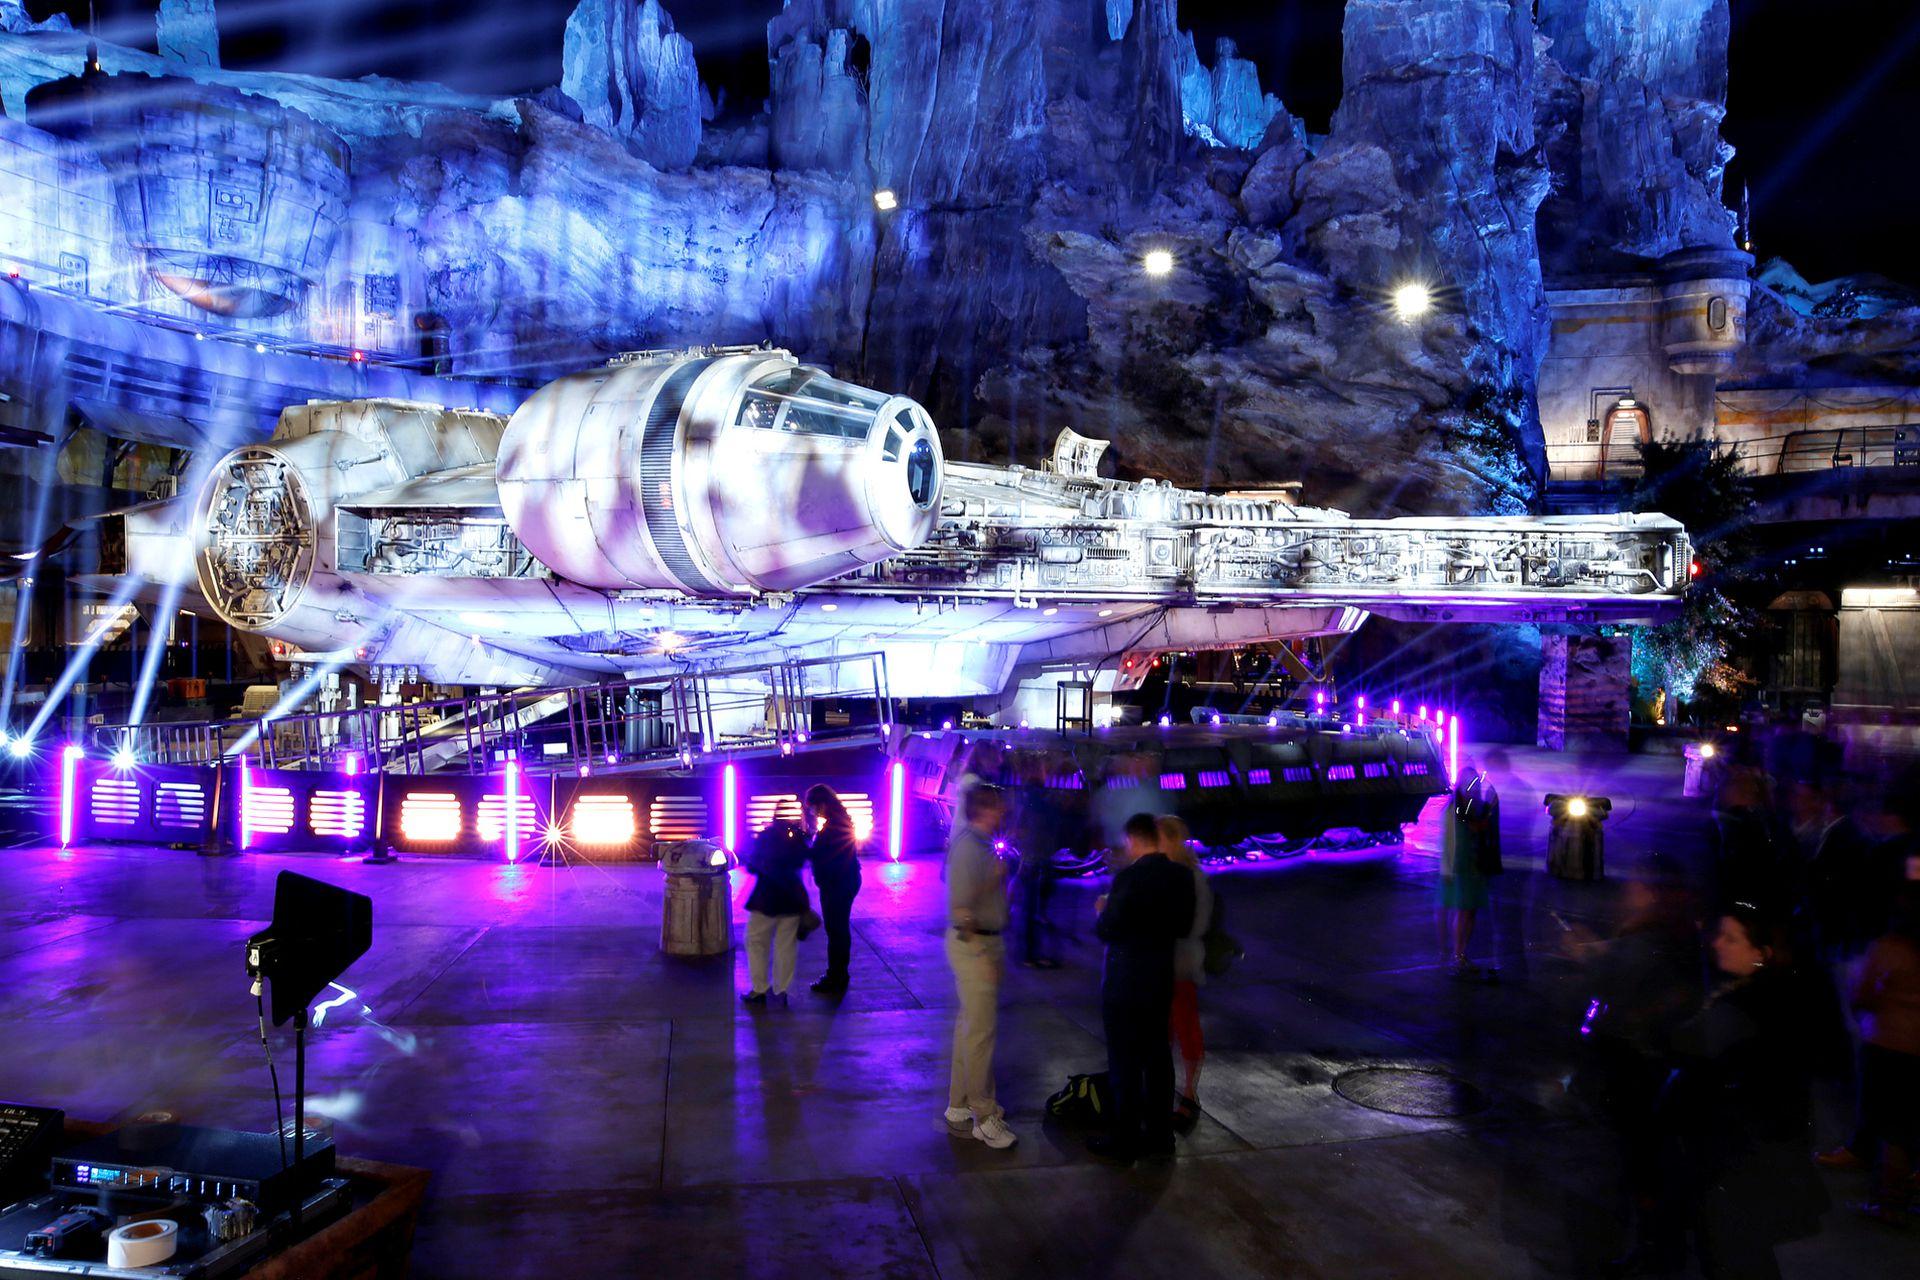 Además de las atracciones, el parque cuenta con restaurantes y tiendas alusivas a la película Star Wars